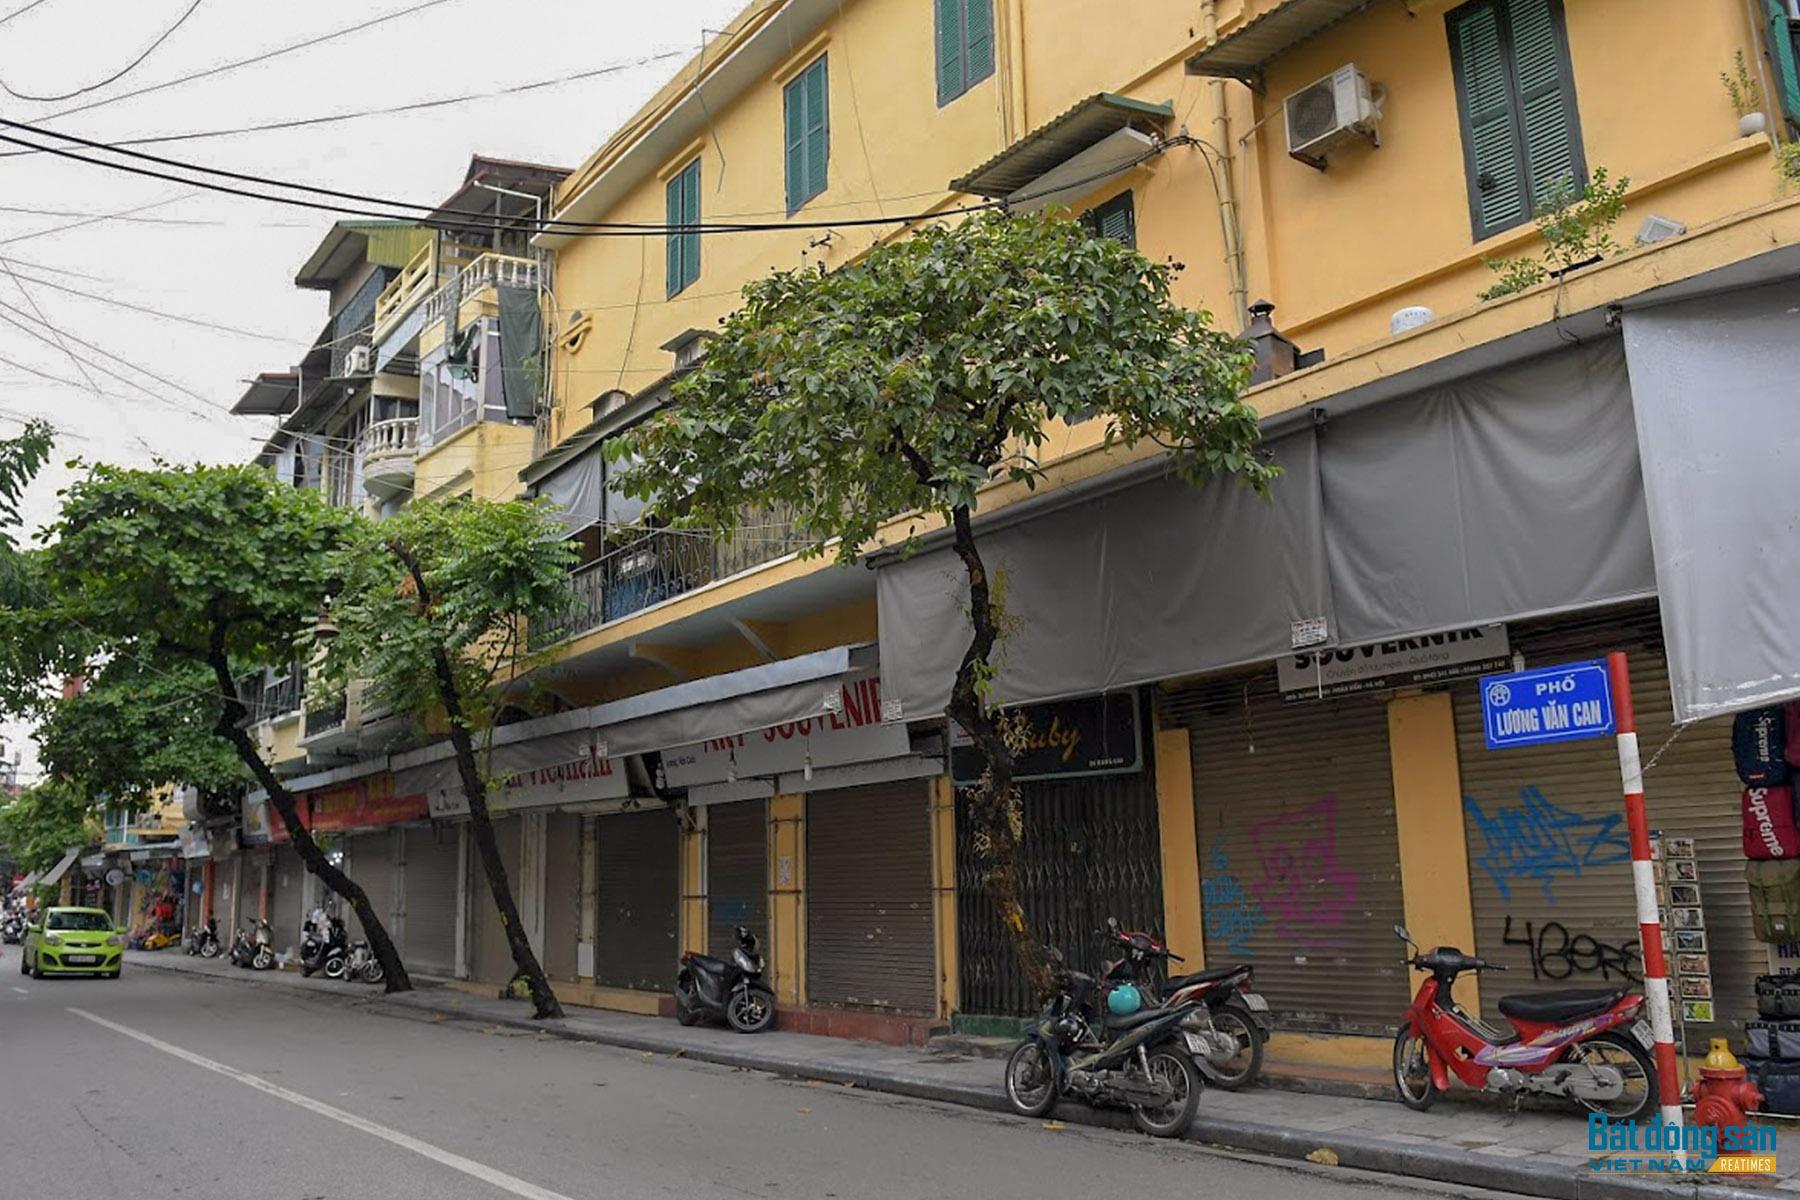 Hàng loạt cửa hàng im ỉm đóng, biển cho thuê mặt bằng giăng khắp phố cổ